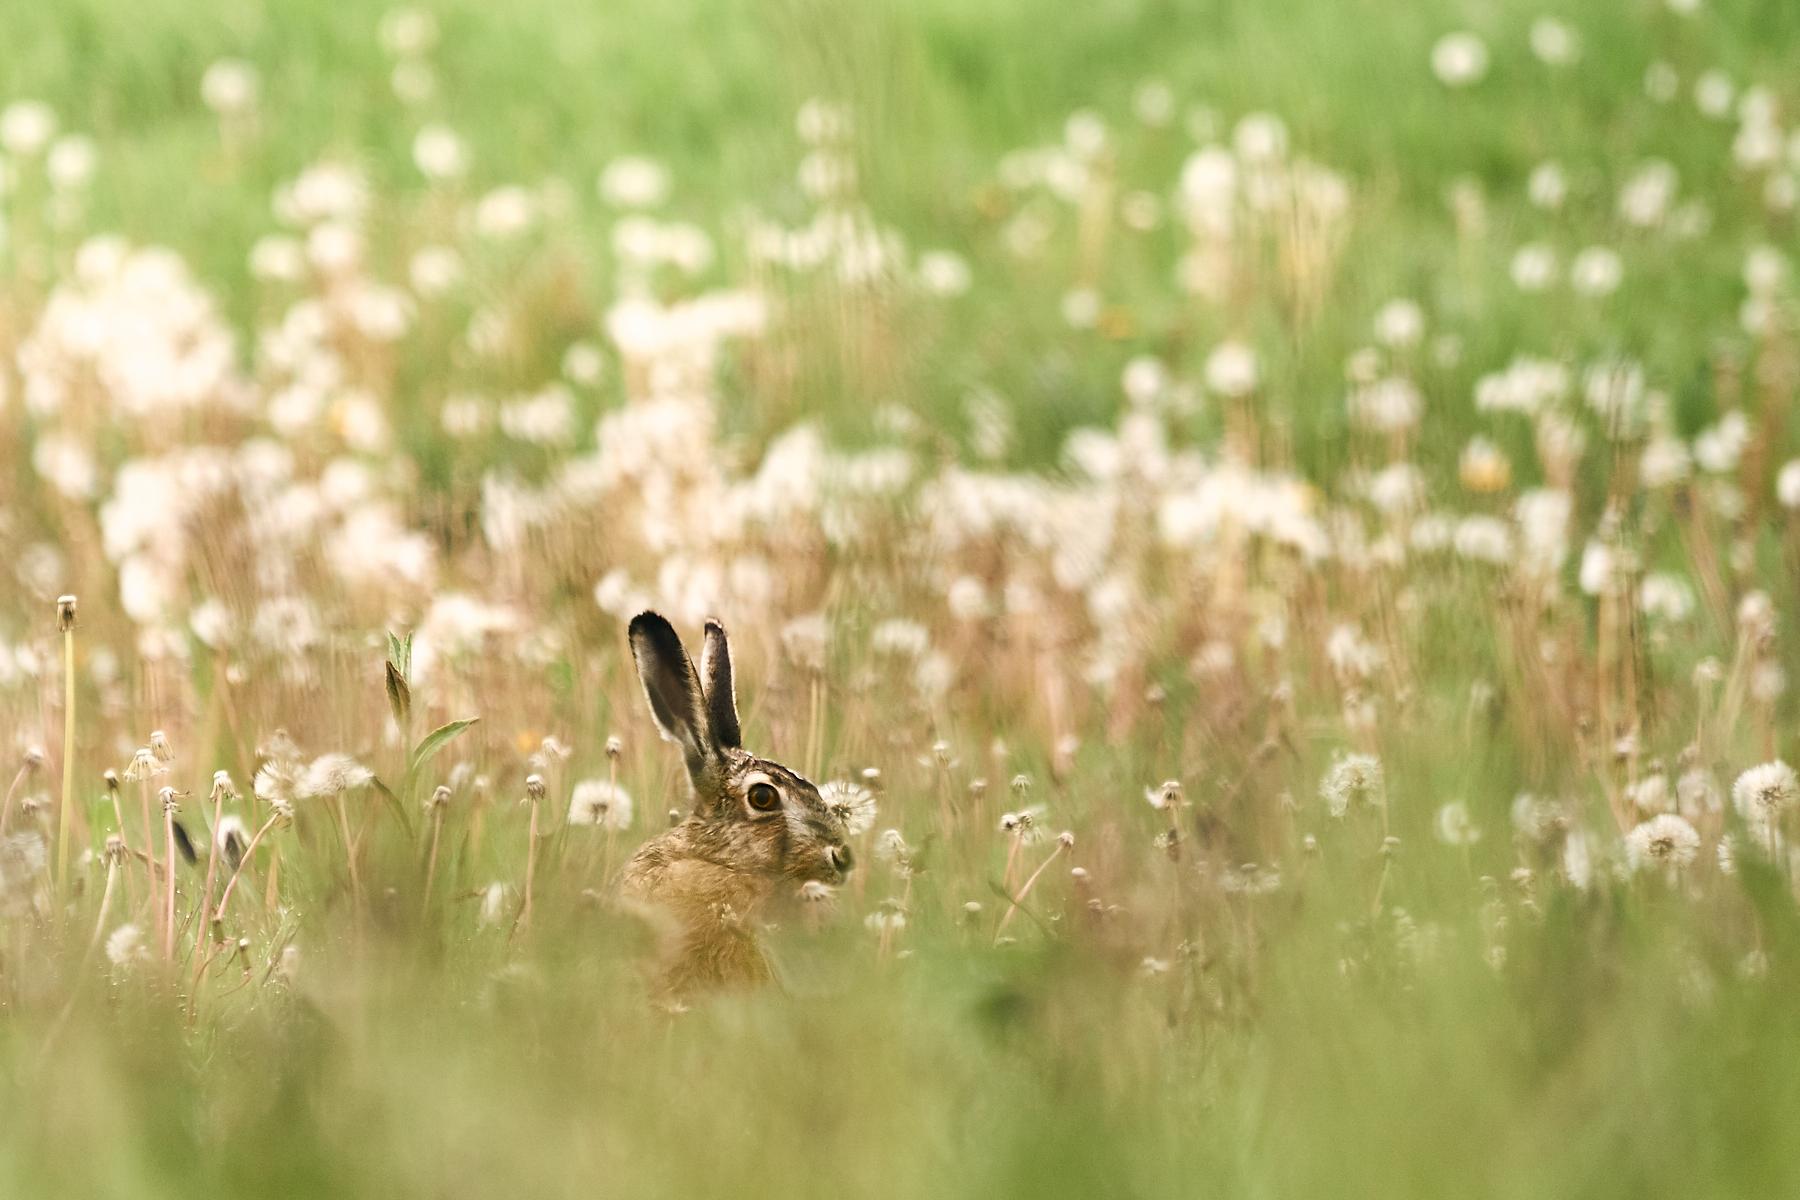 Hare i blandt mælkebøtter